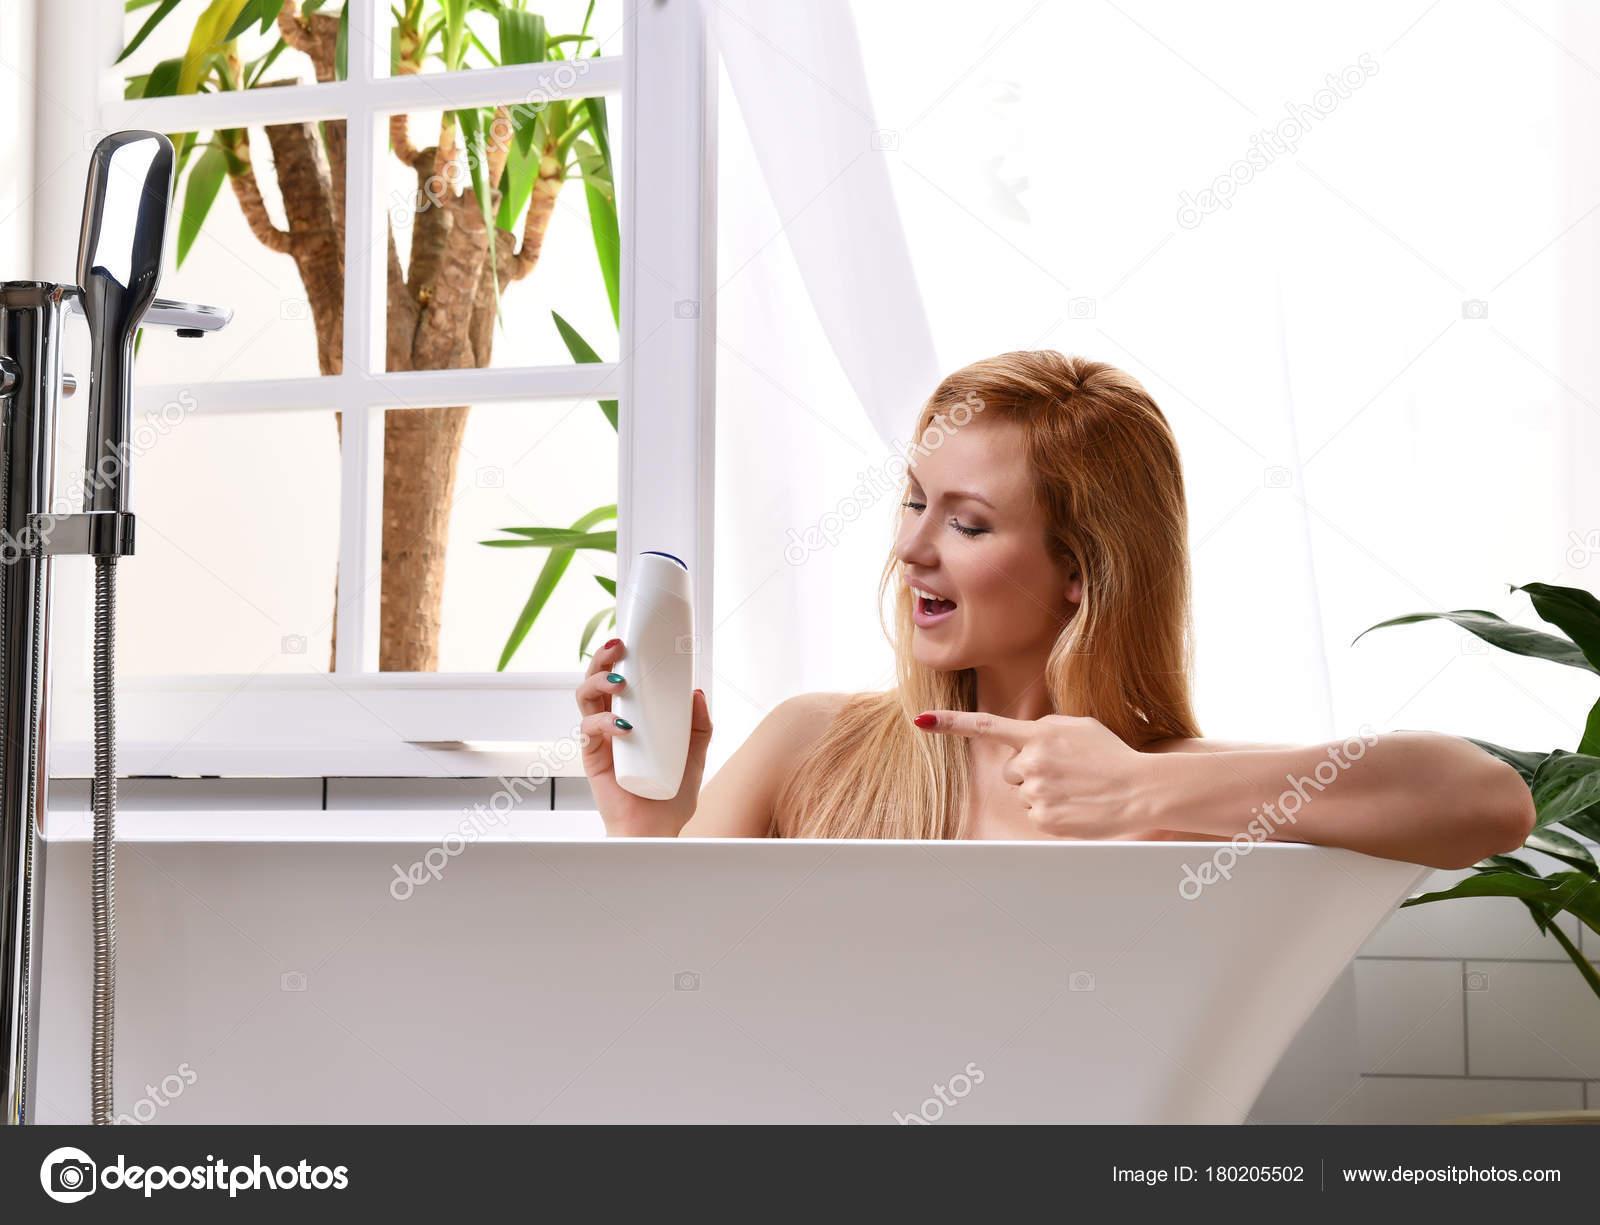 Bagni Con Doccia Alla Finestra : Donna che si trova a fare il bagno vasca da bagno vicino alla mano